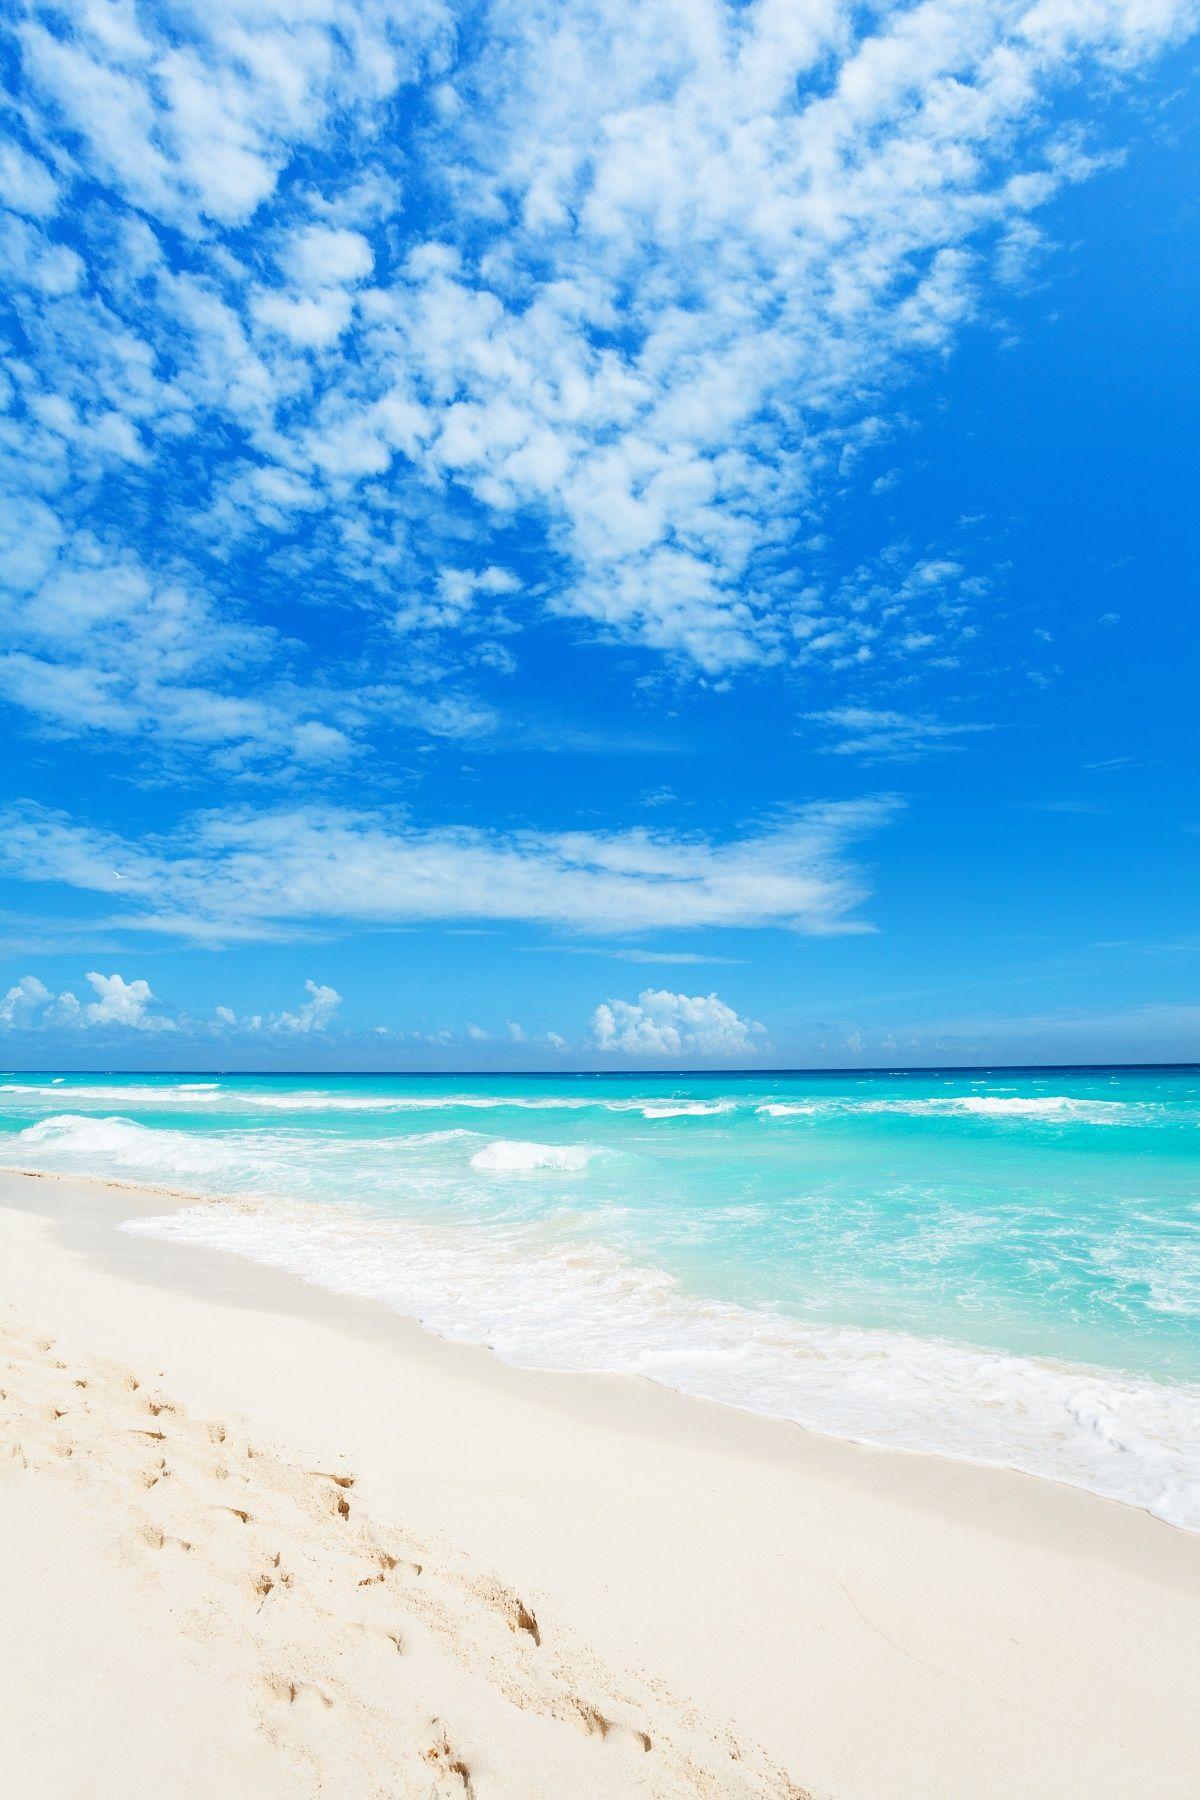 4 Top Beaches In Cancun Cancun Beach Pictures Cancun Beaches Cancun Mexico Beaches